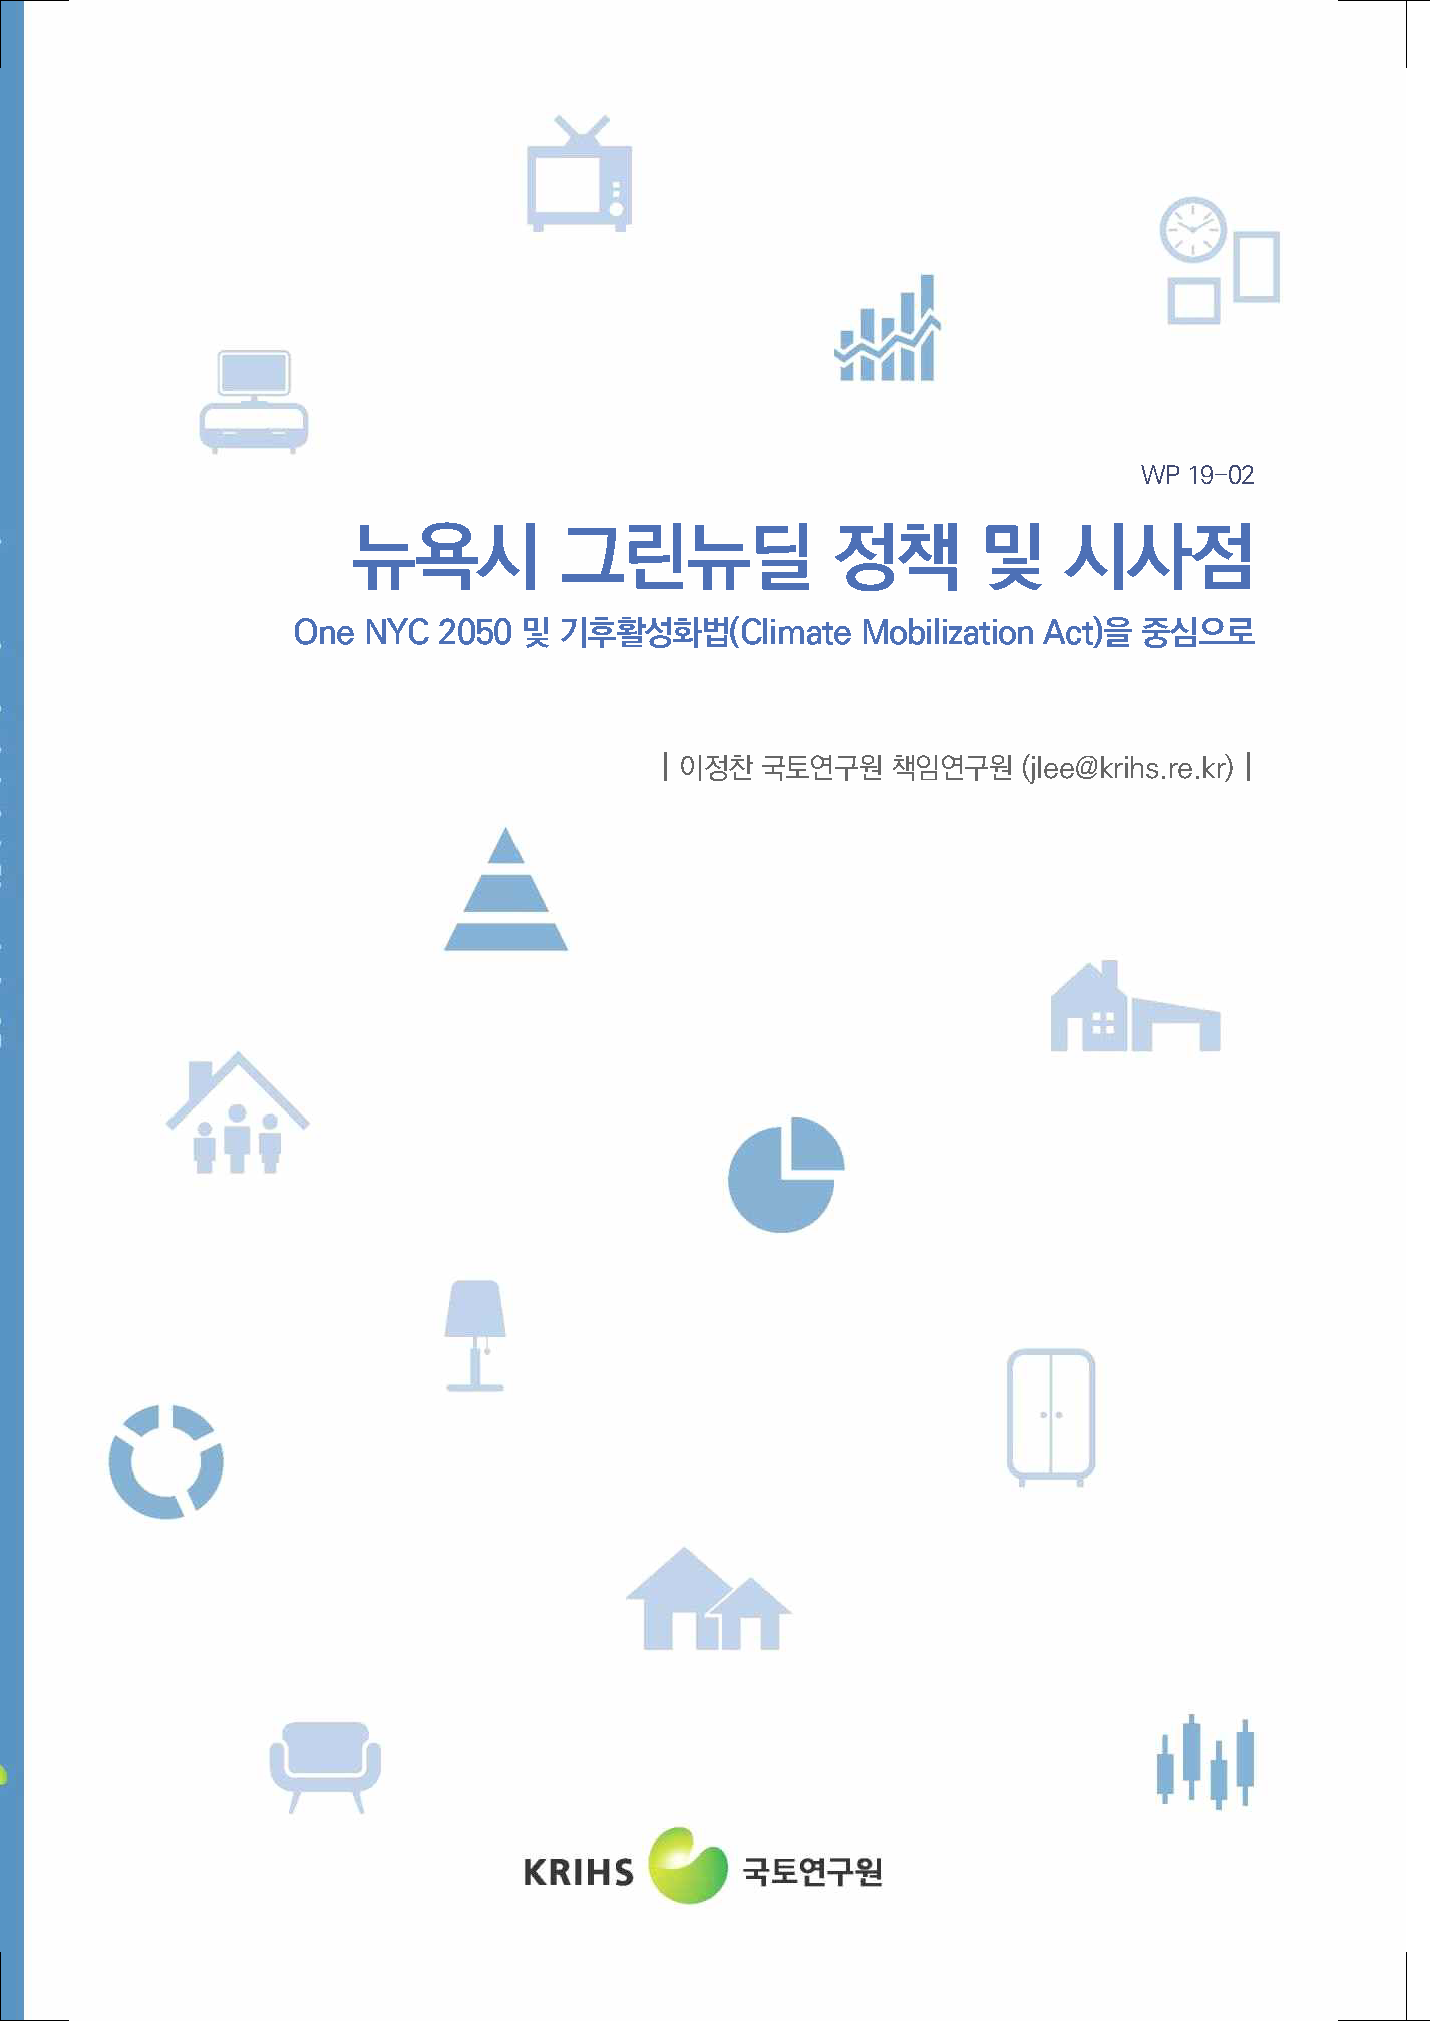 뉴욕시 그린뉴딜 정책 및 시사점: One NYC 2050 및 기후활성화법(Climate Mobilization Act)을 중심으로